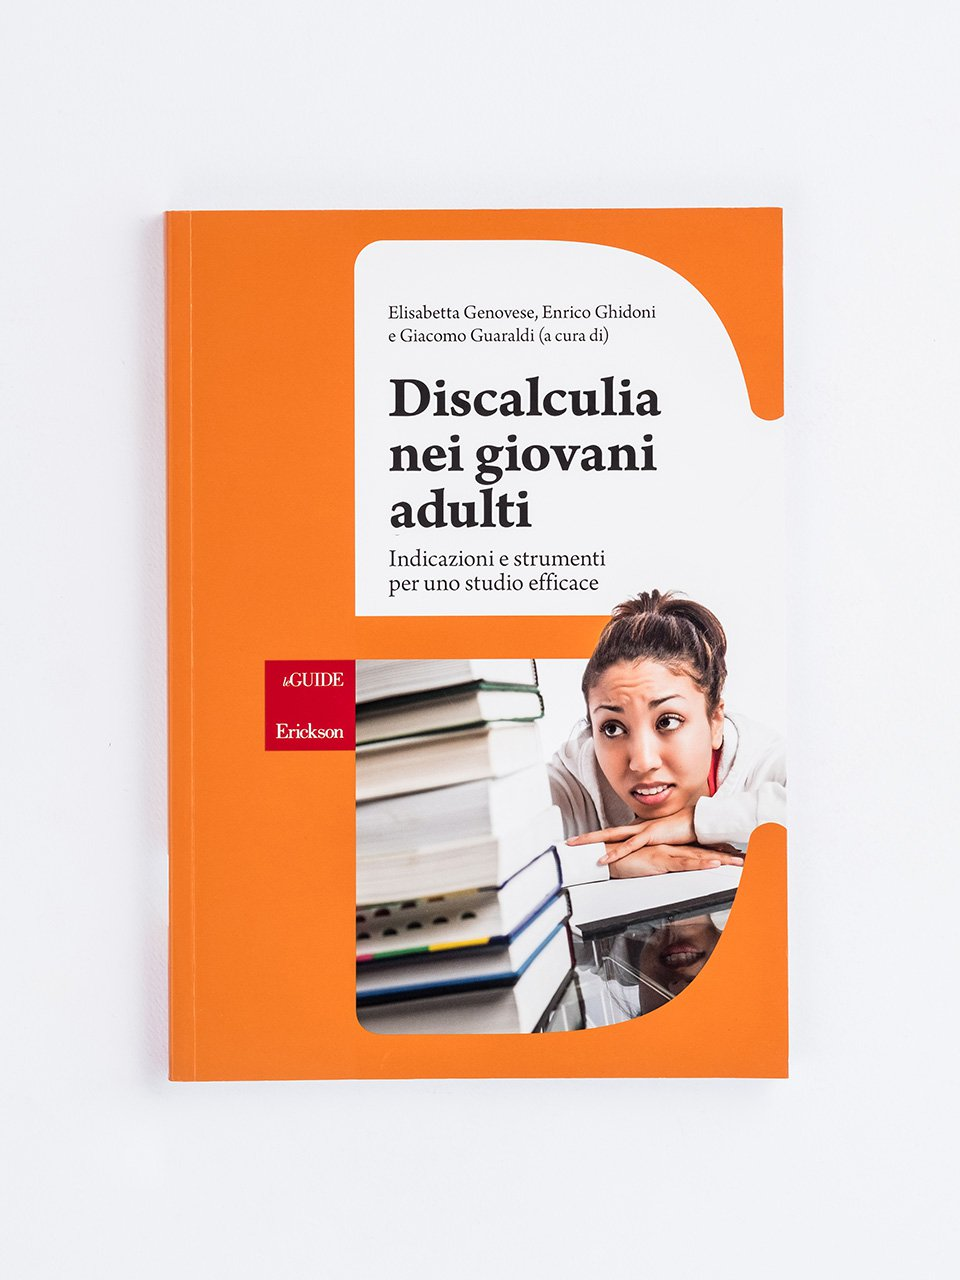 Discalculia nei giovani adulti - Laboratorio discalculia - Libri - Erickson